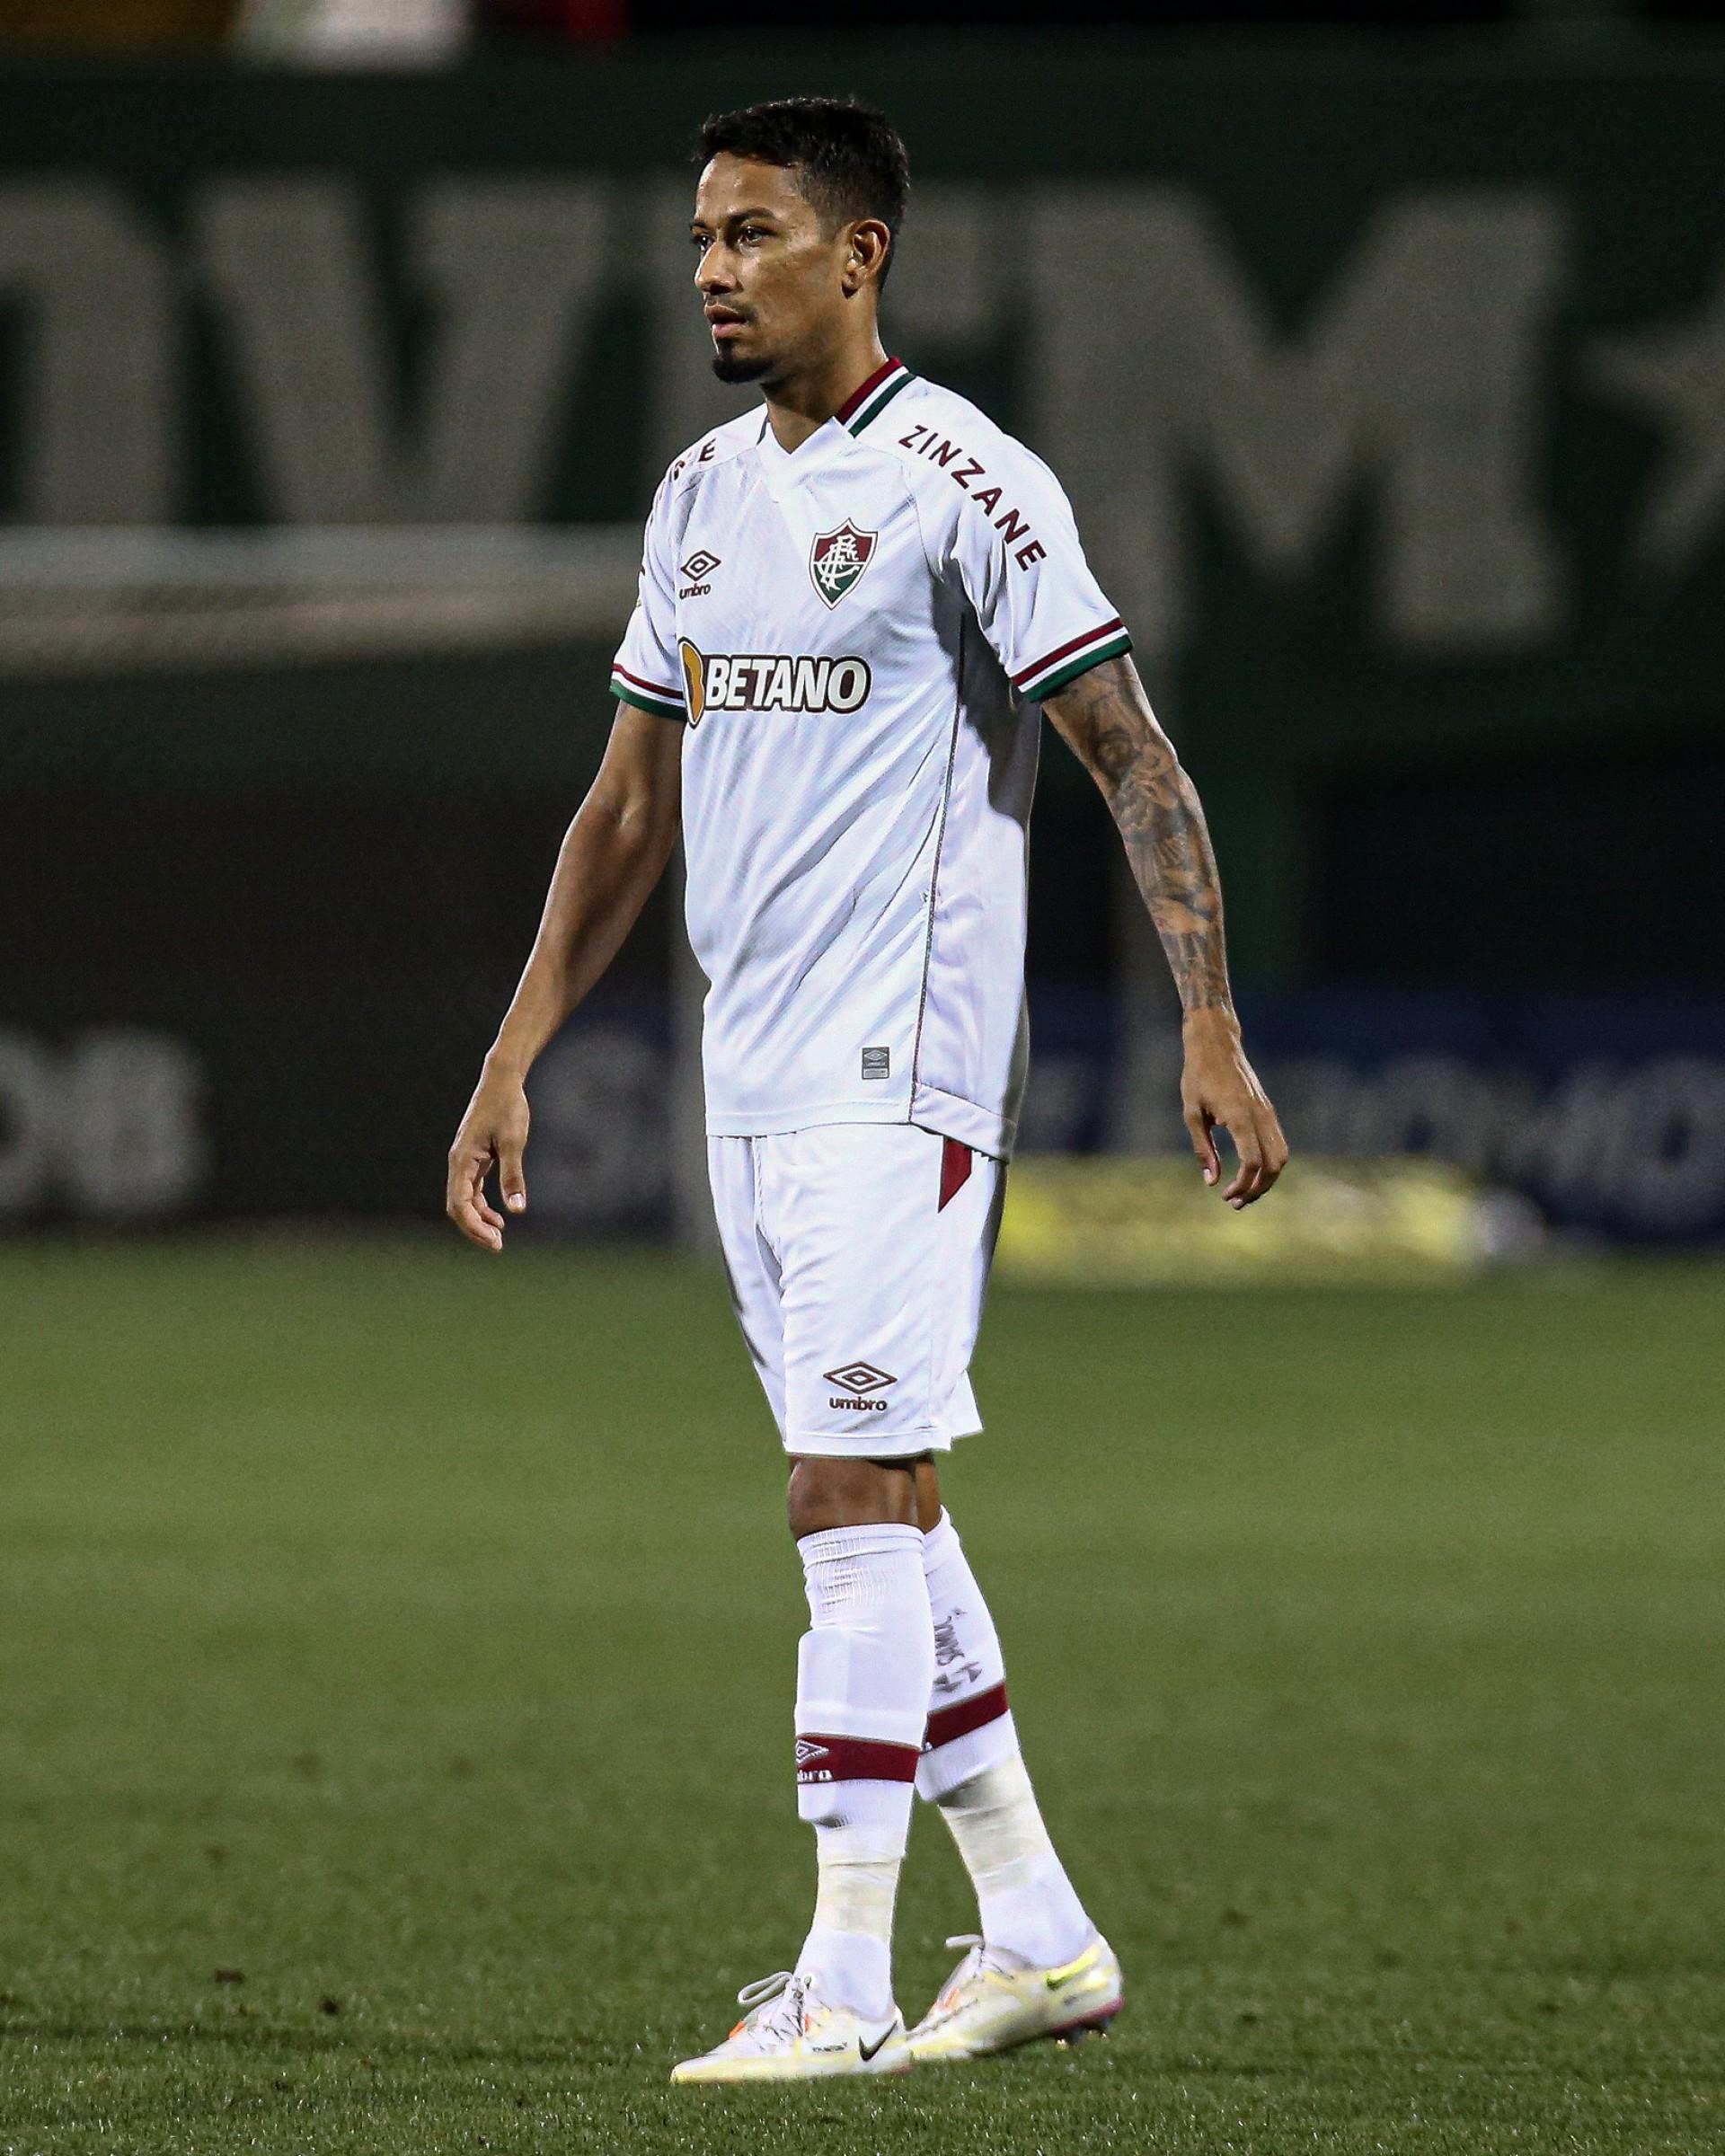 Lucca tem lesão constatada e desfalcará o Fluminense